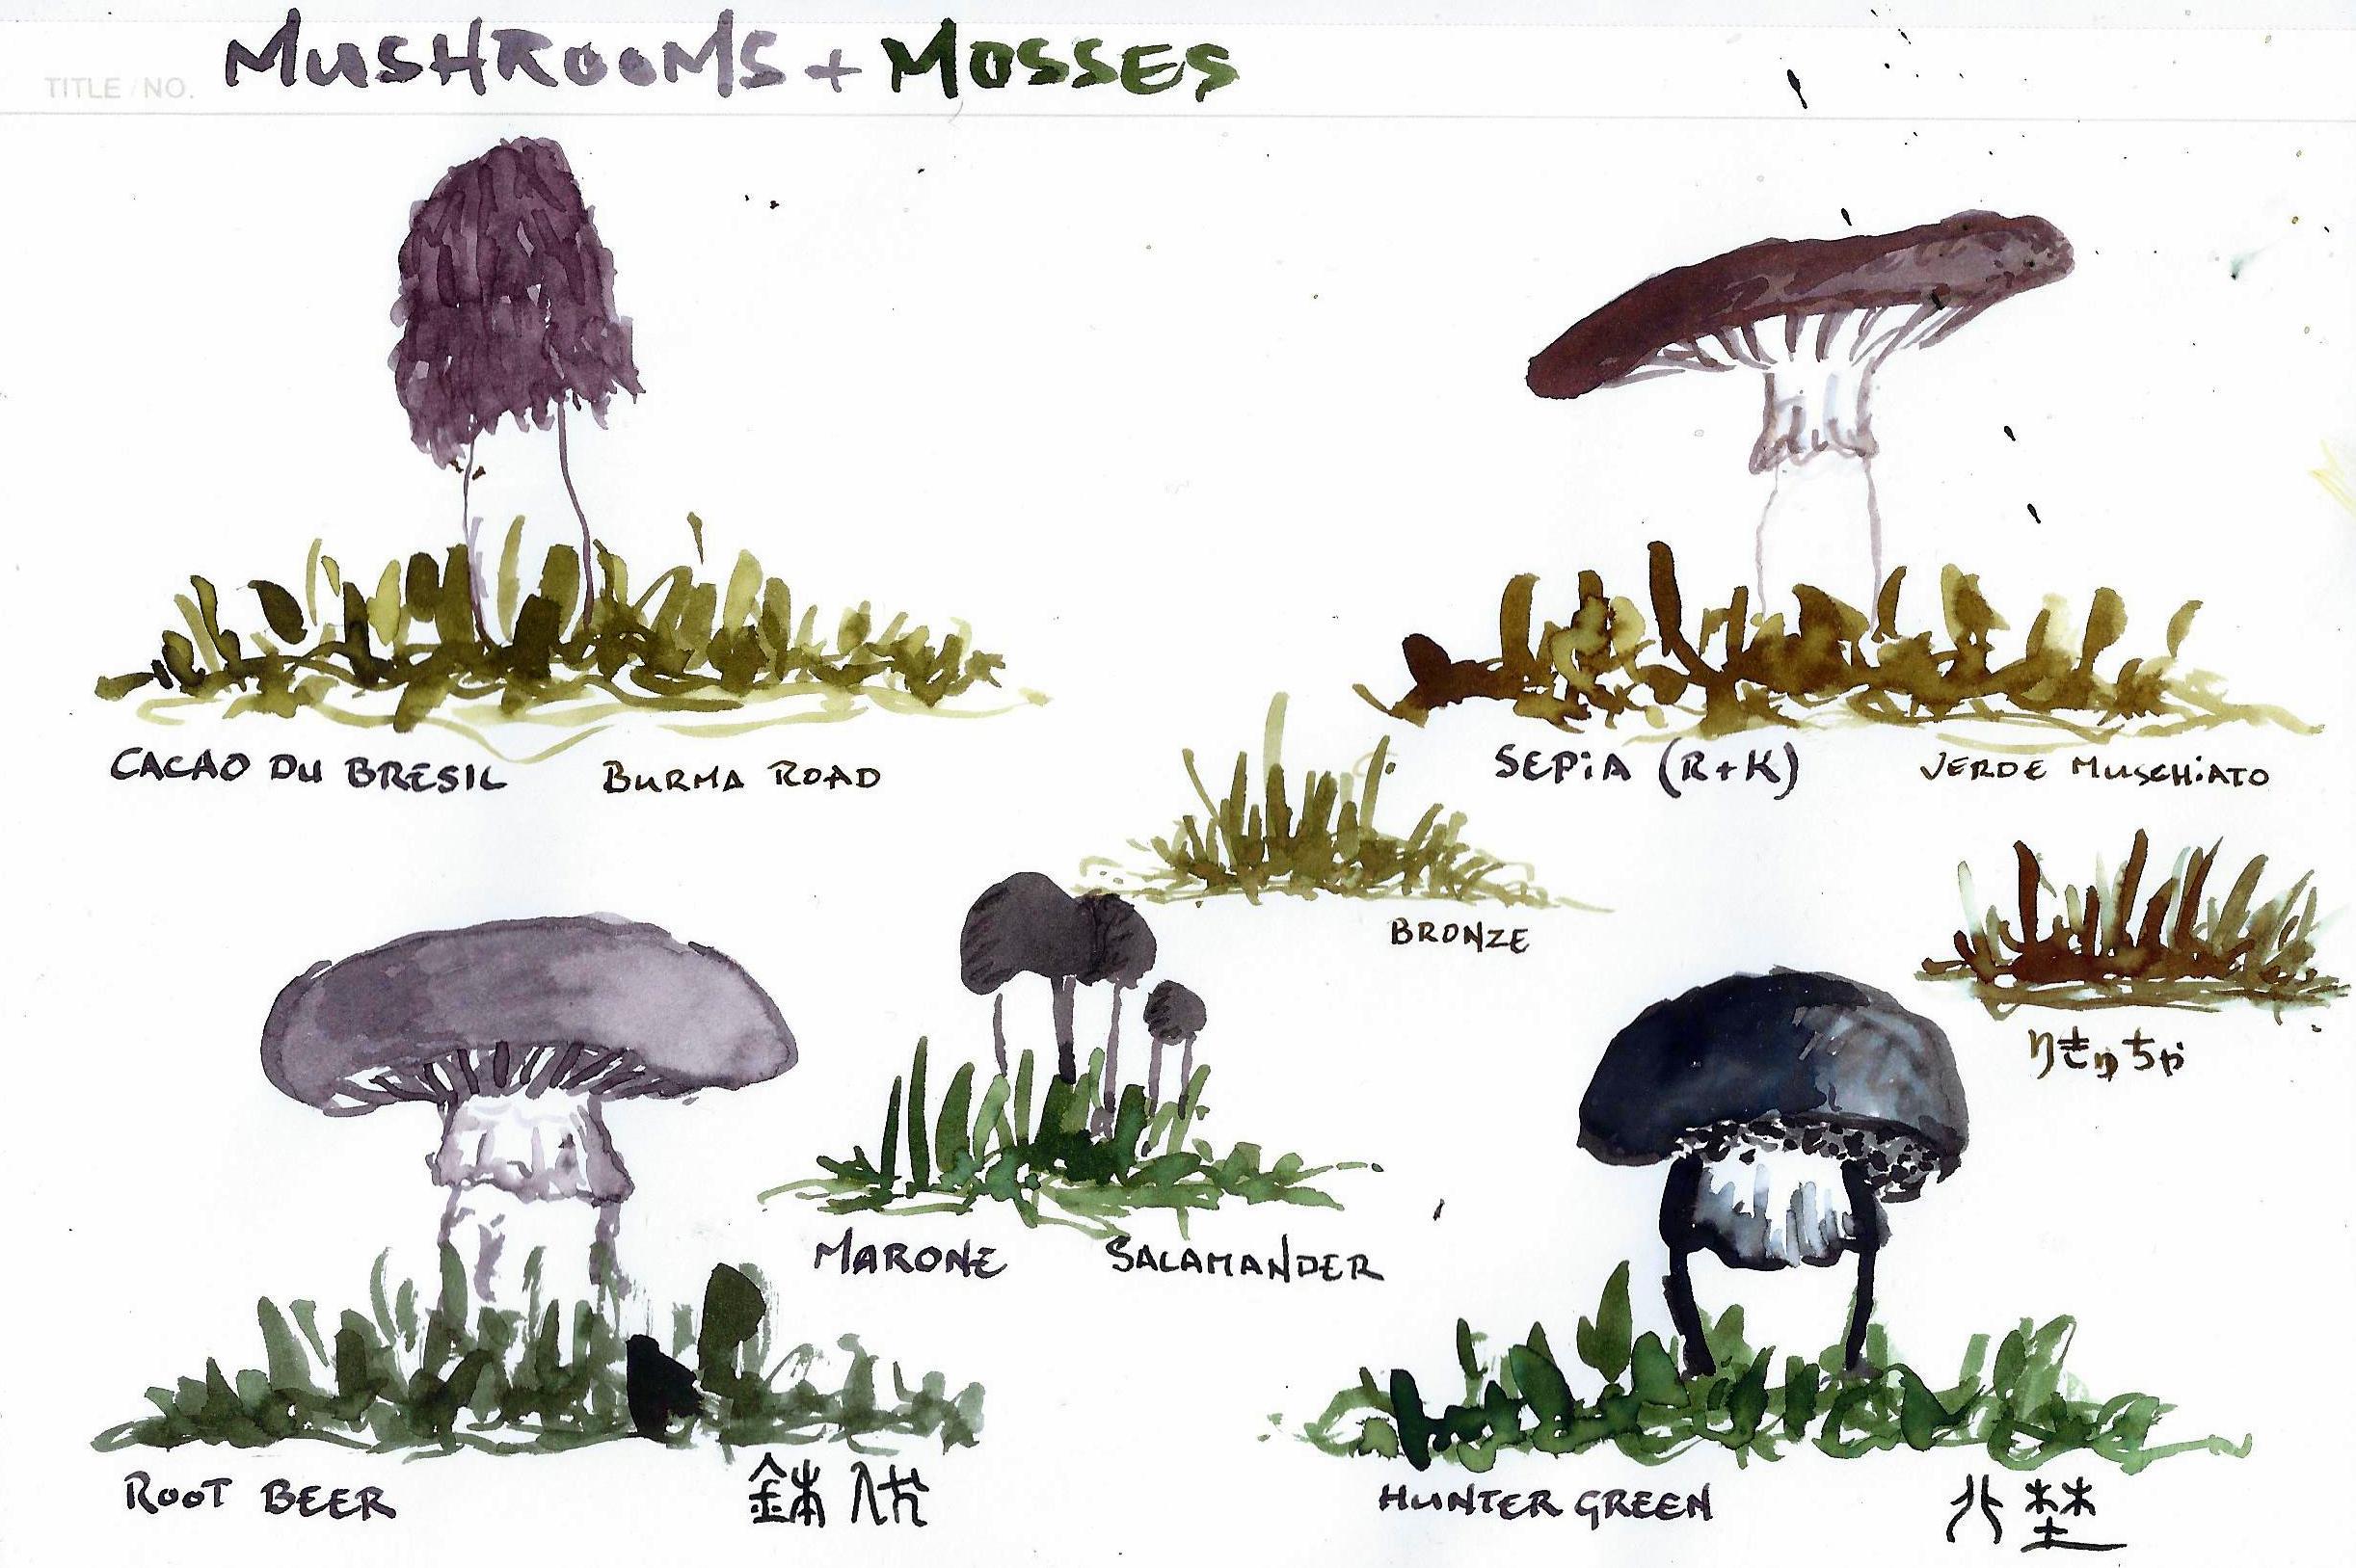 fpn_1583373798__mushrooms__moss_ii.jpg